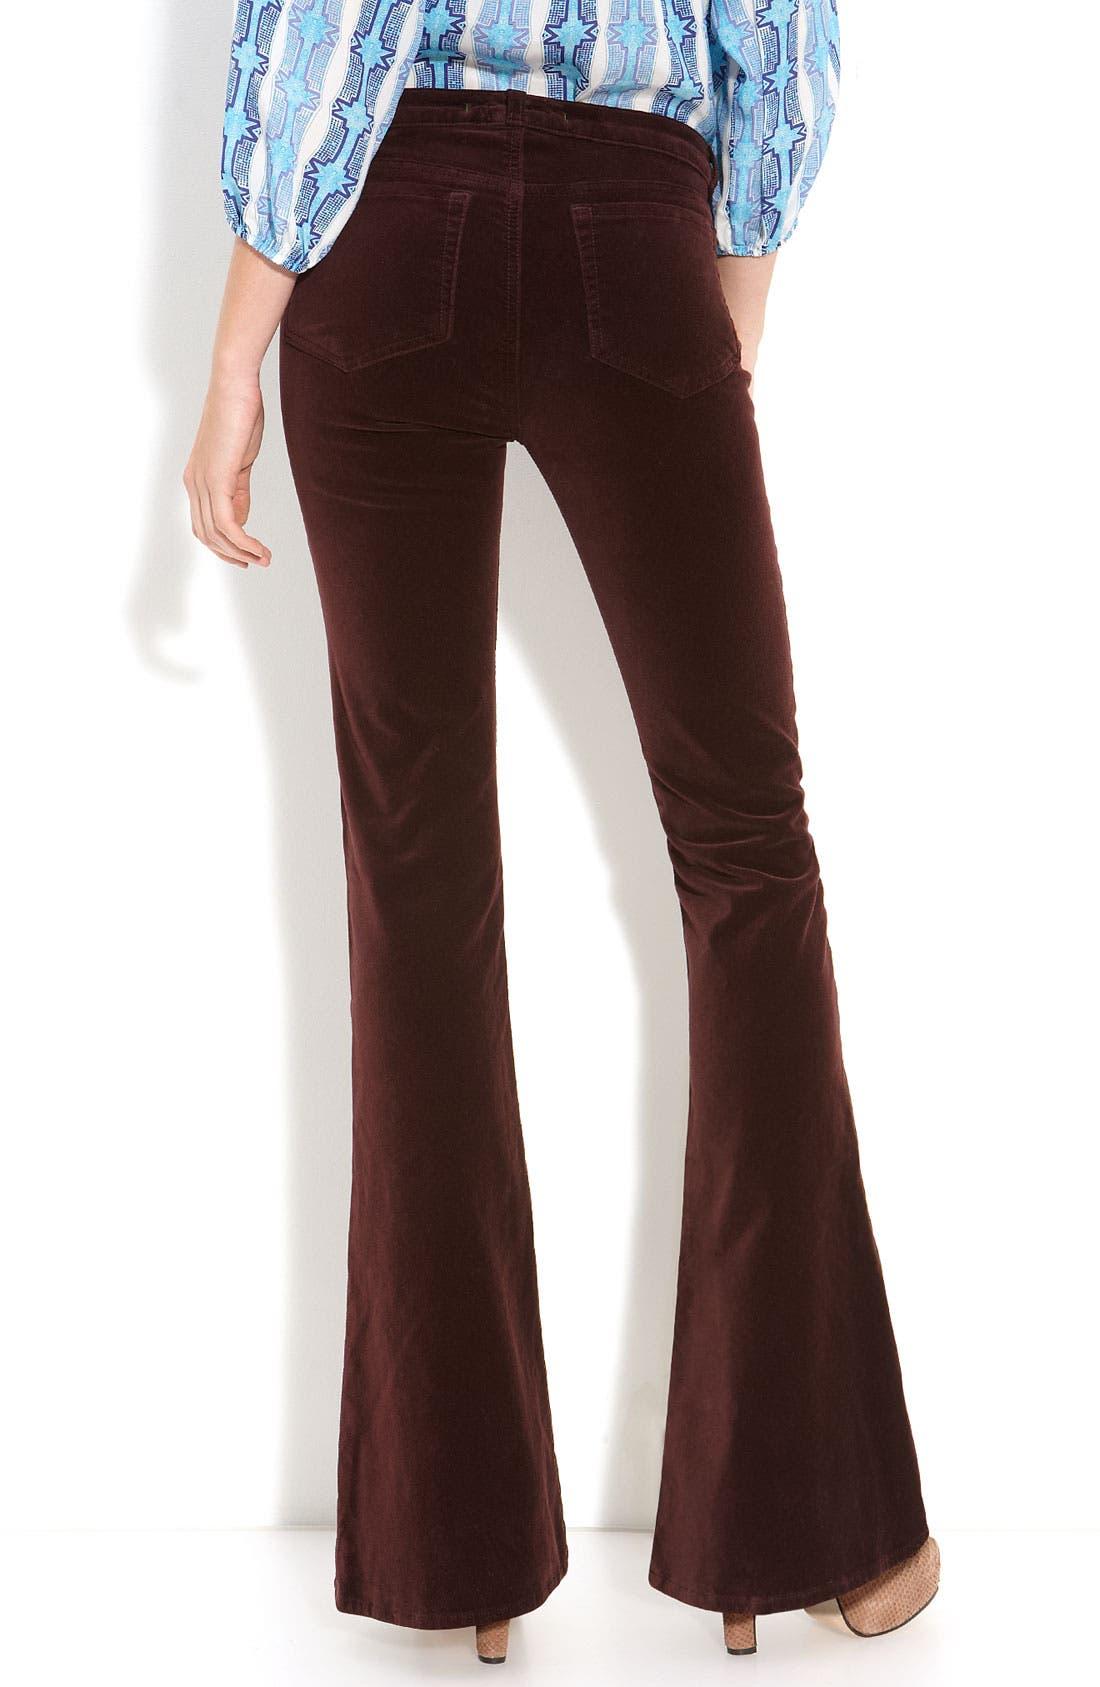 Alternate Image 1 Selected - J Brand 'Velvet Martini' Skinny Flare Leg Jeans